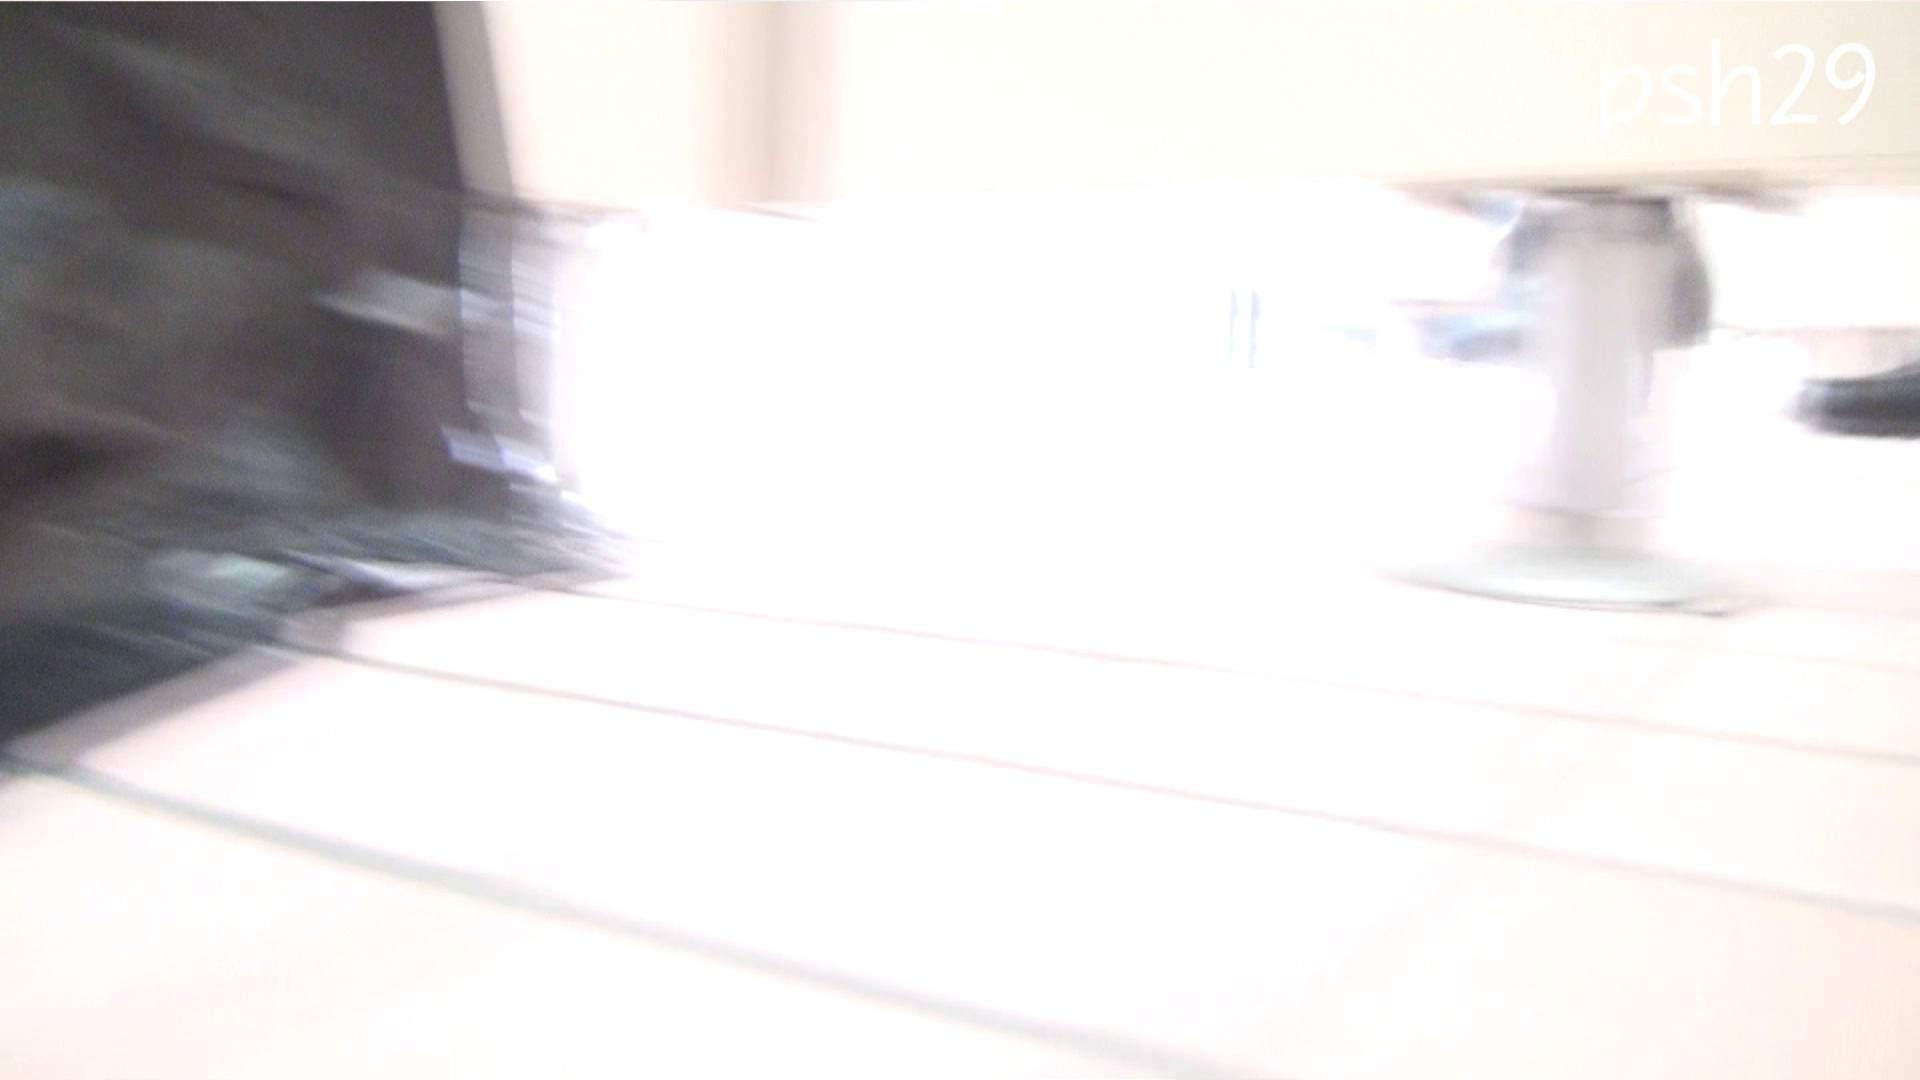 ▲復活限定▲ハイビジョン 盗神伝 Vol.29 洗面所シーン オメコ動画キャプチャ 85画像 70